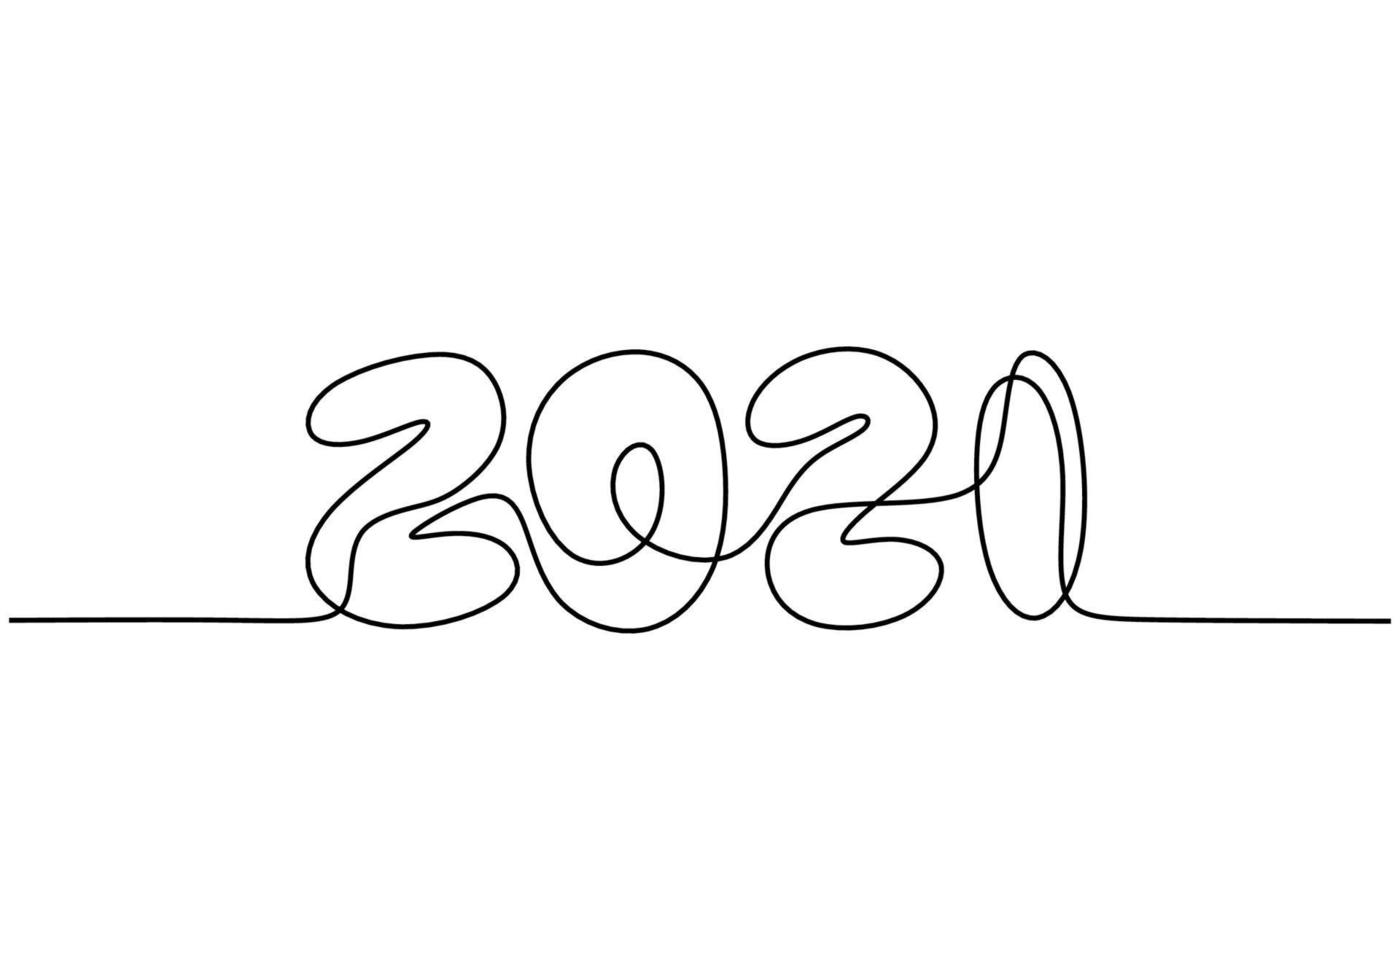 Neujahrsentwurf 2021 in minimalistischer schwarzer linearer Skizze des kontinuierlichen Strichzeichnungen-Zeichnungsstils lokalisiert auf weißem Hintergrund. Jahr des Stiers. Frohes neues Jahr Konzept. Vektor-Design-Illustration vektor